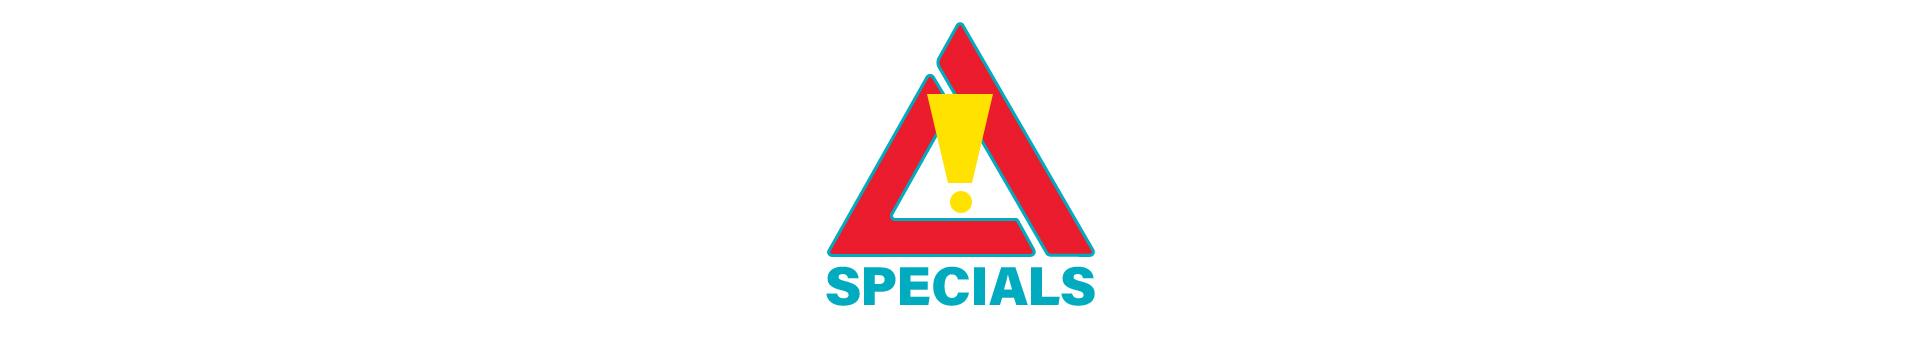 activekidz specials